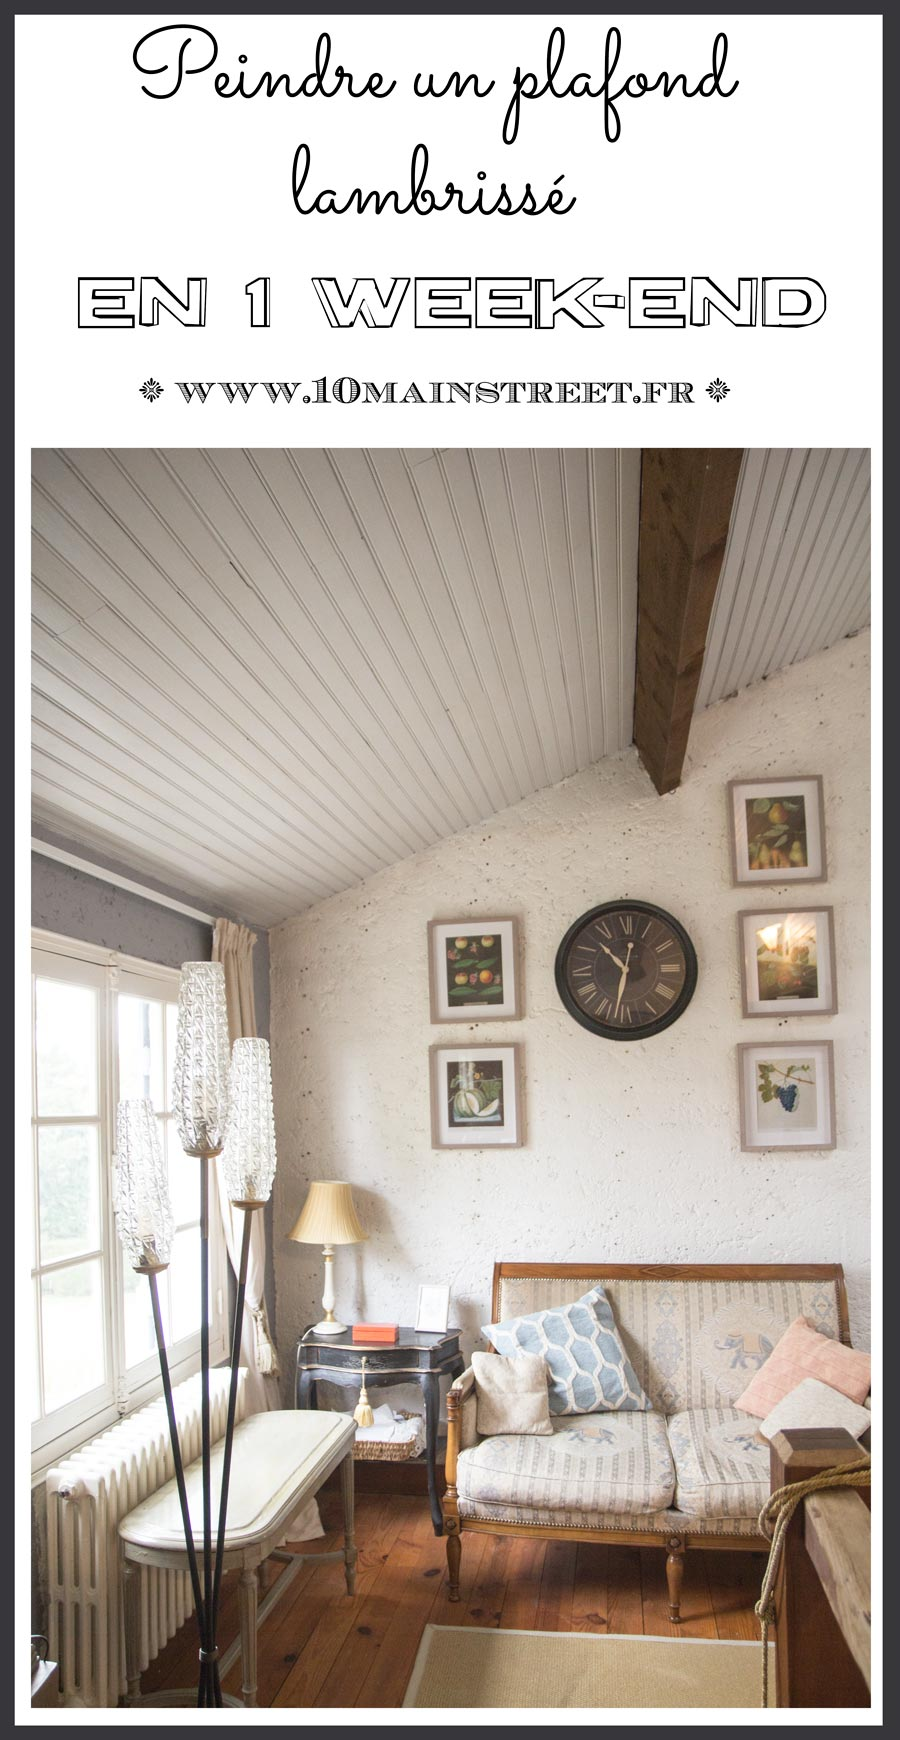 Peindre Un Plafond En Lambris En Un Week End Et Transfigurer Une Pièce